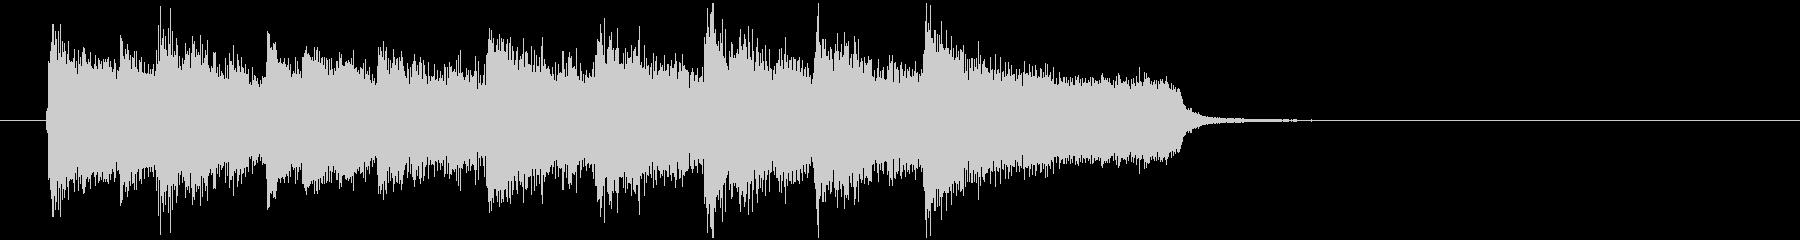 神秘的な森の中のようなBGM_ループ用4の未再生の波形